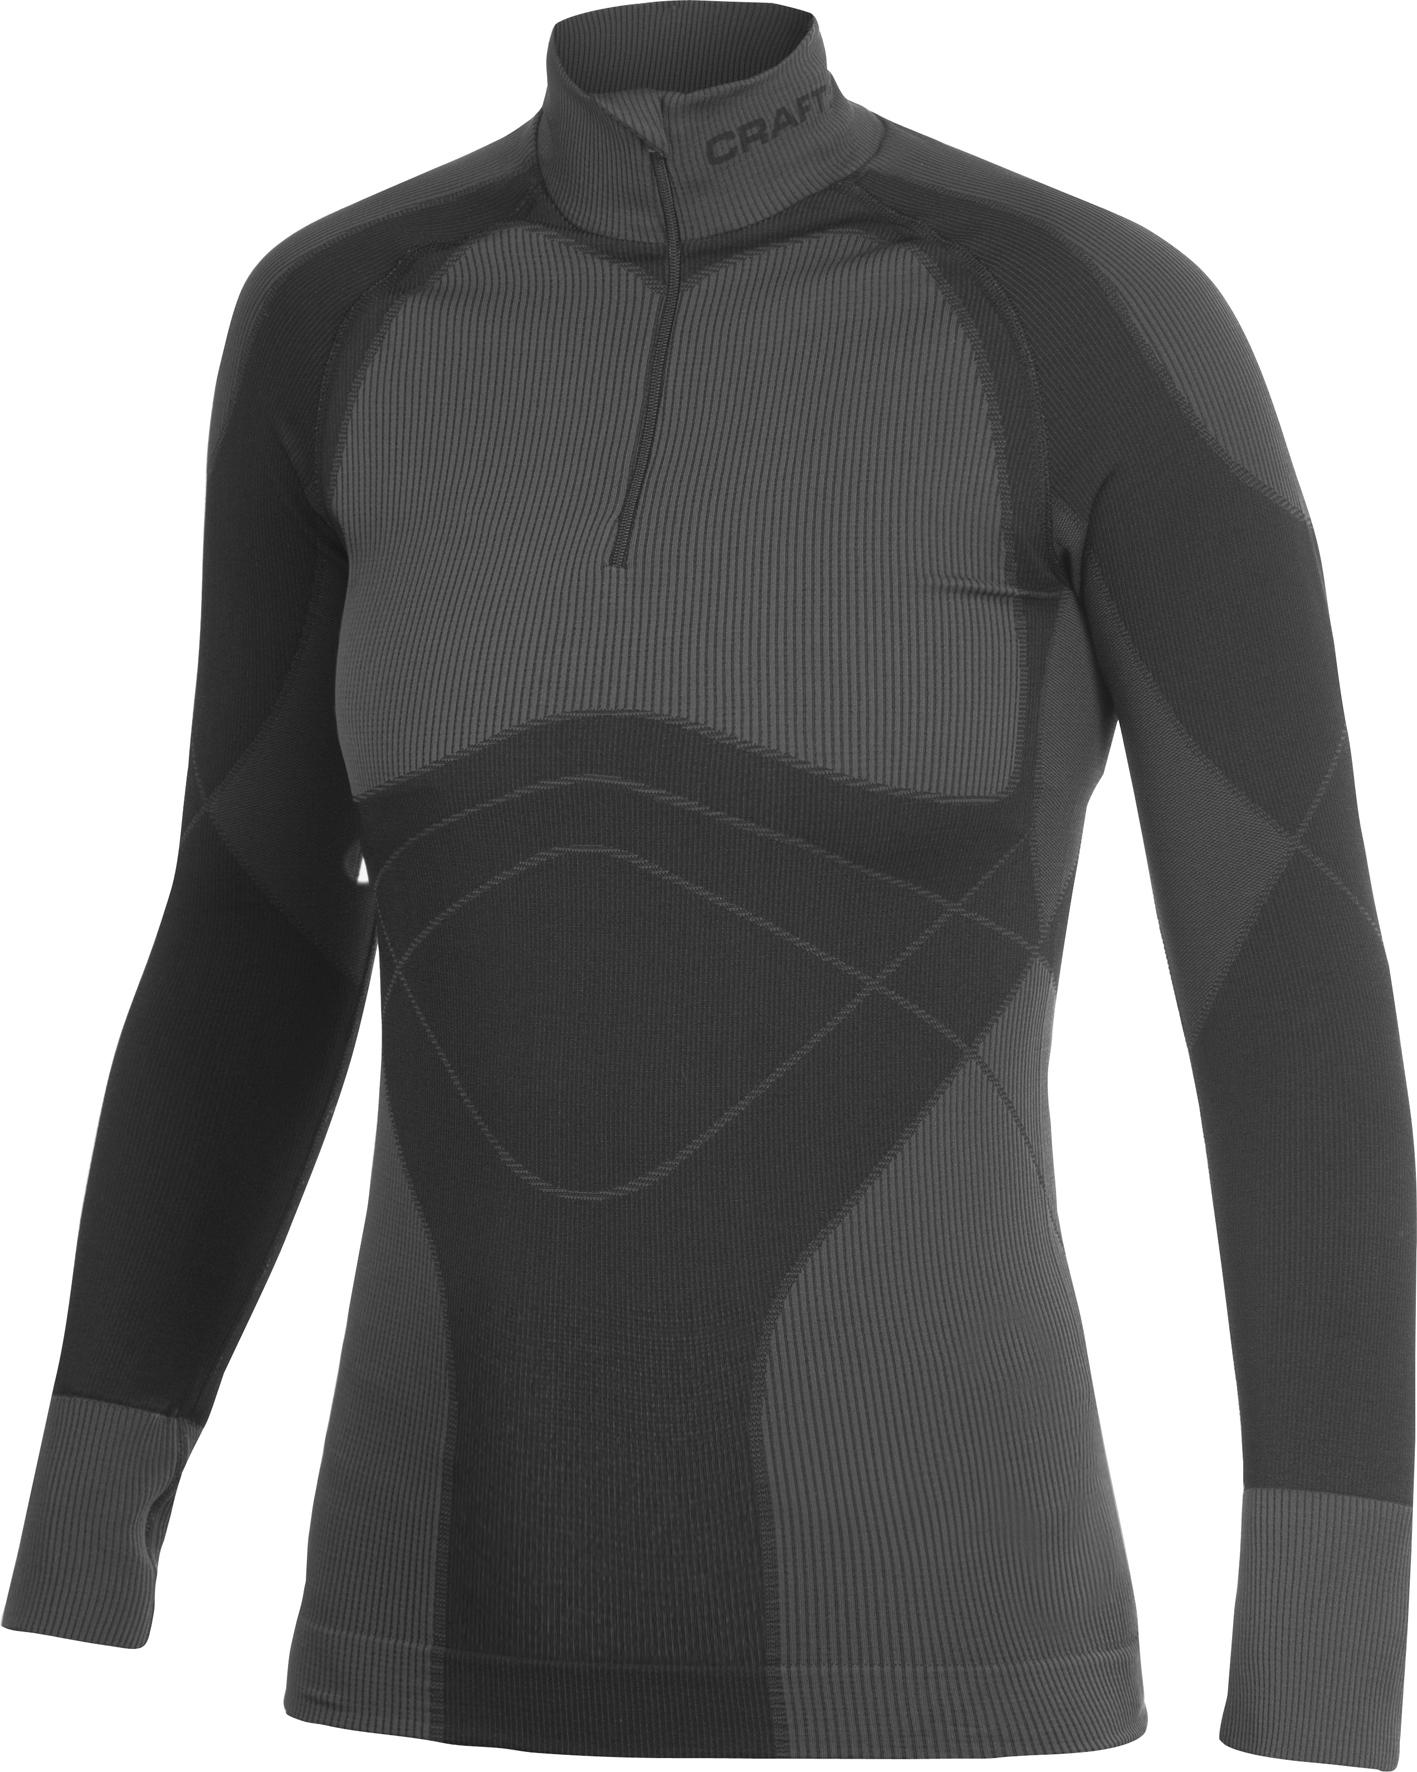 Рубашка Craft Warm Zip женская темно-серая